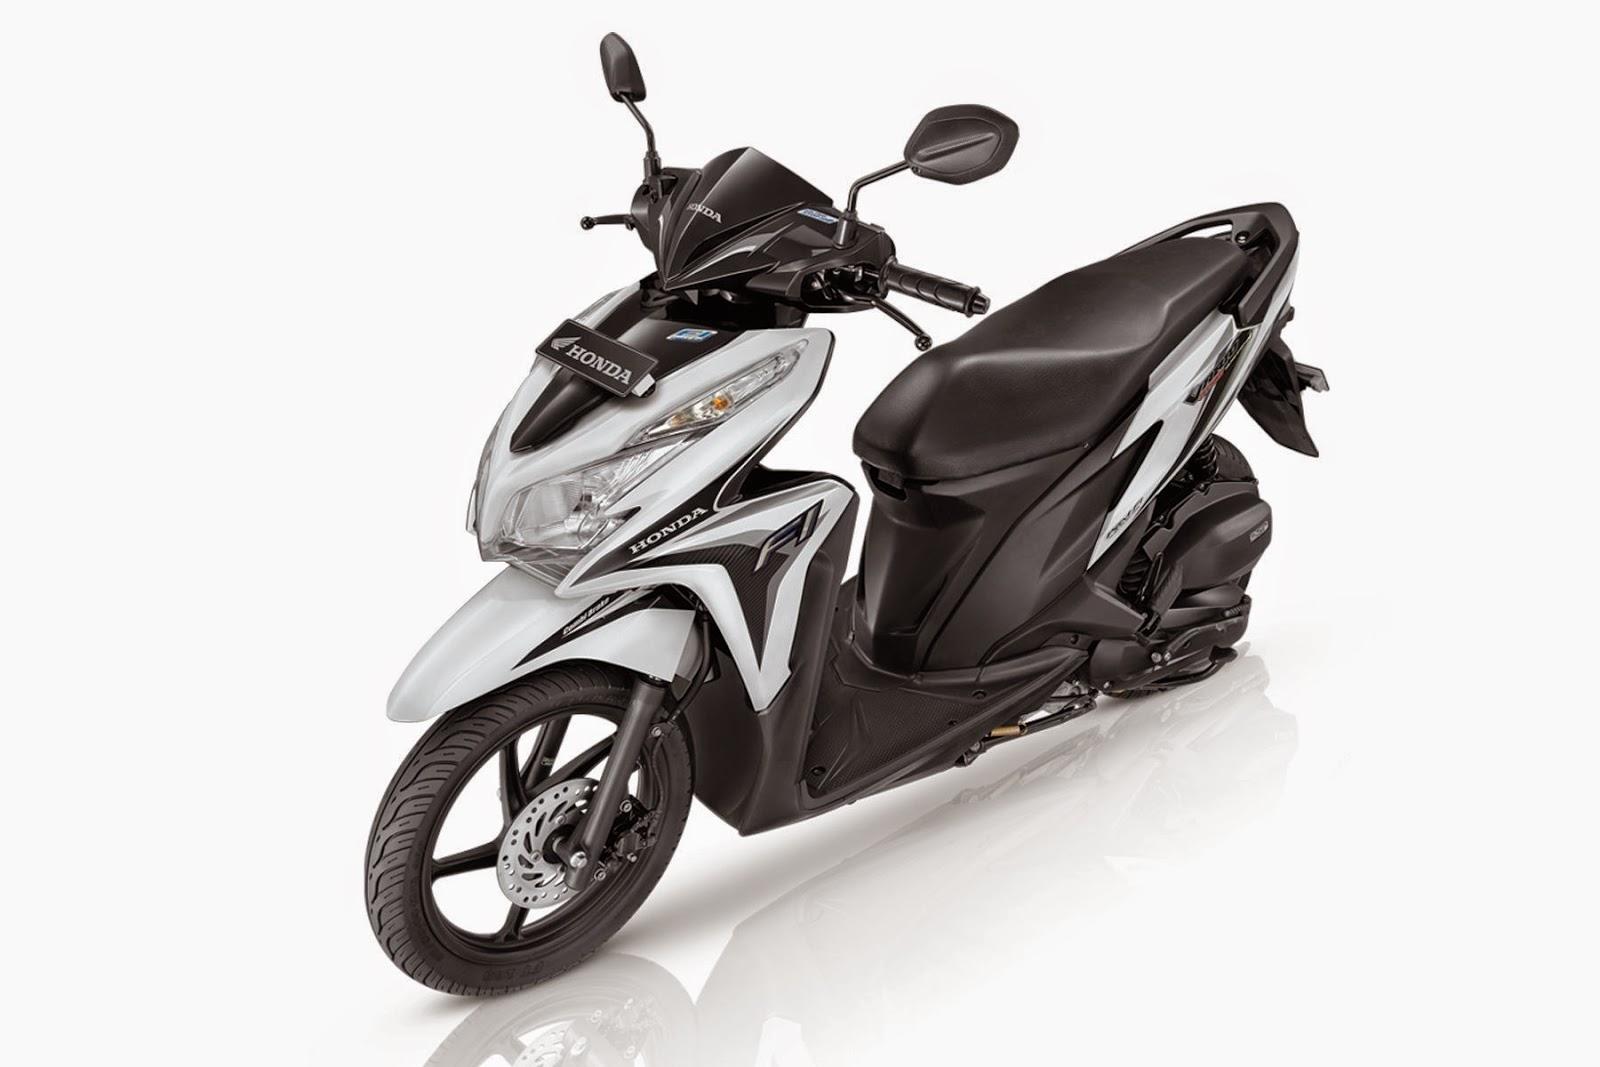 Harga Motor Vario Techno F1 125 New Esp Cbs Titanium Black Solo Dan Spesifikasi Honda Lama